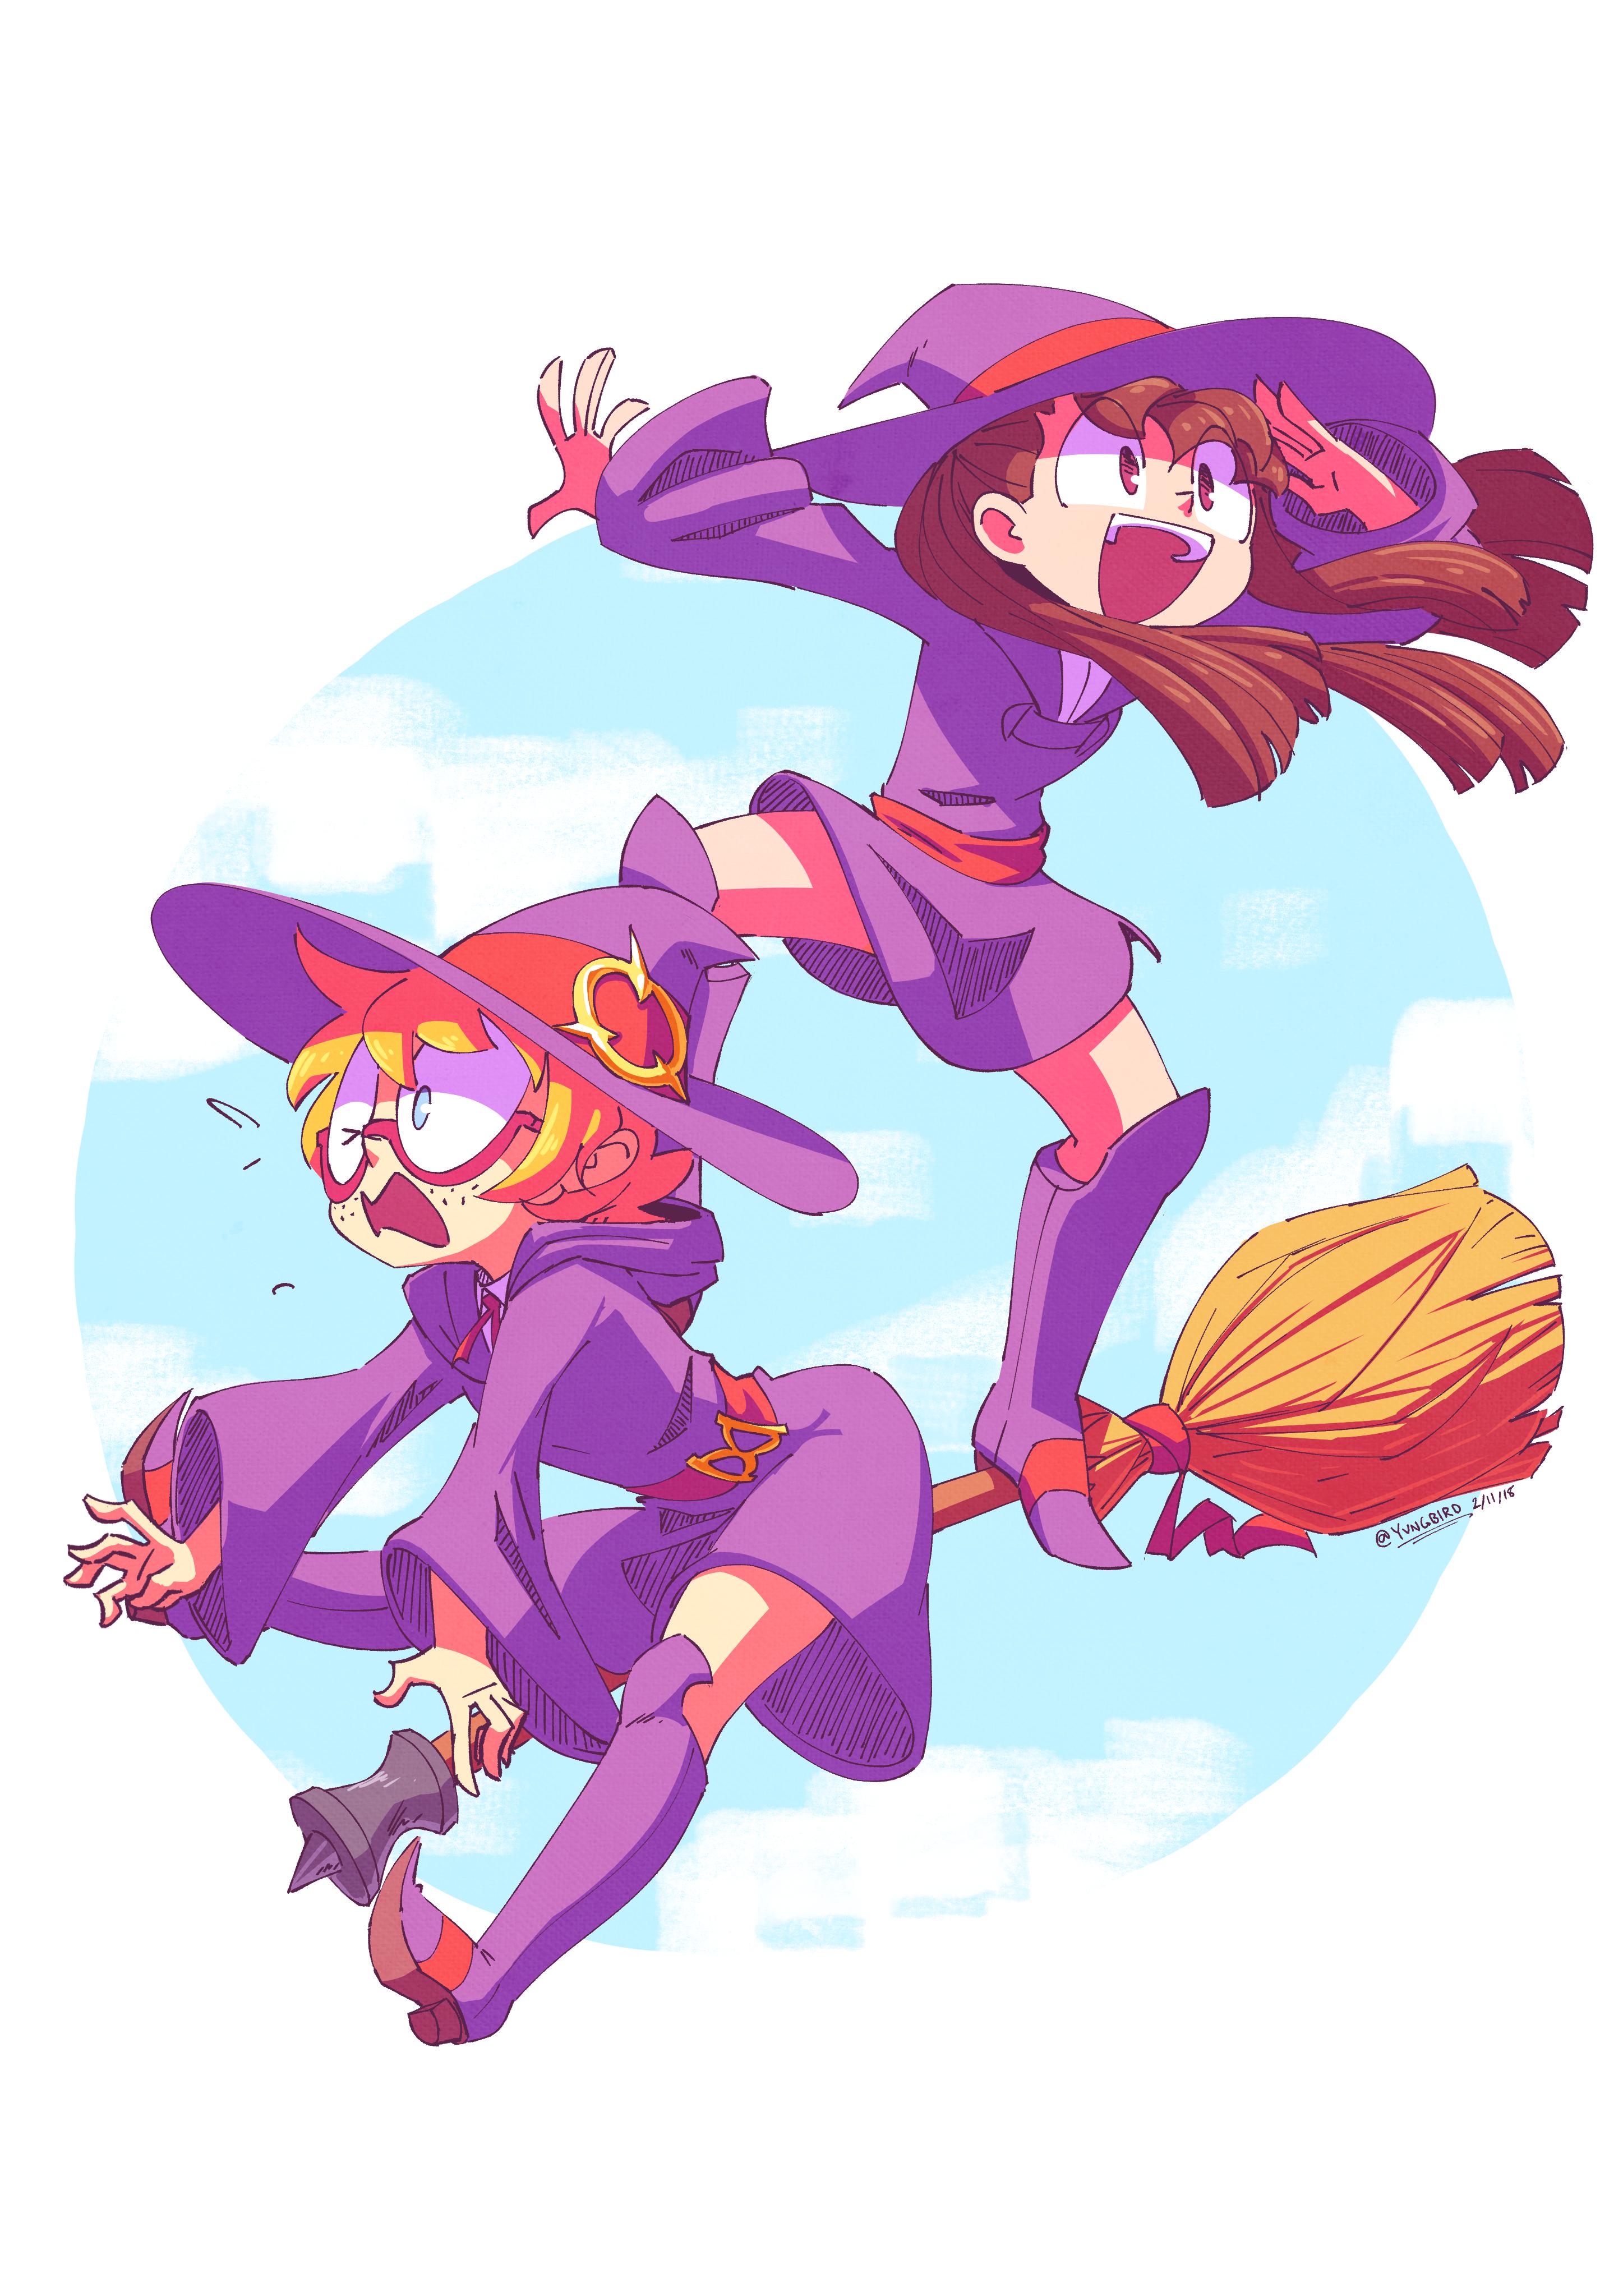 Akko and Lotte